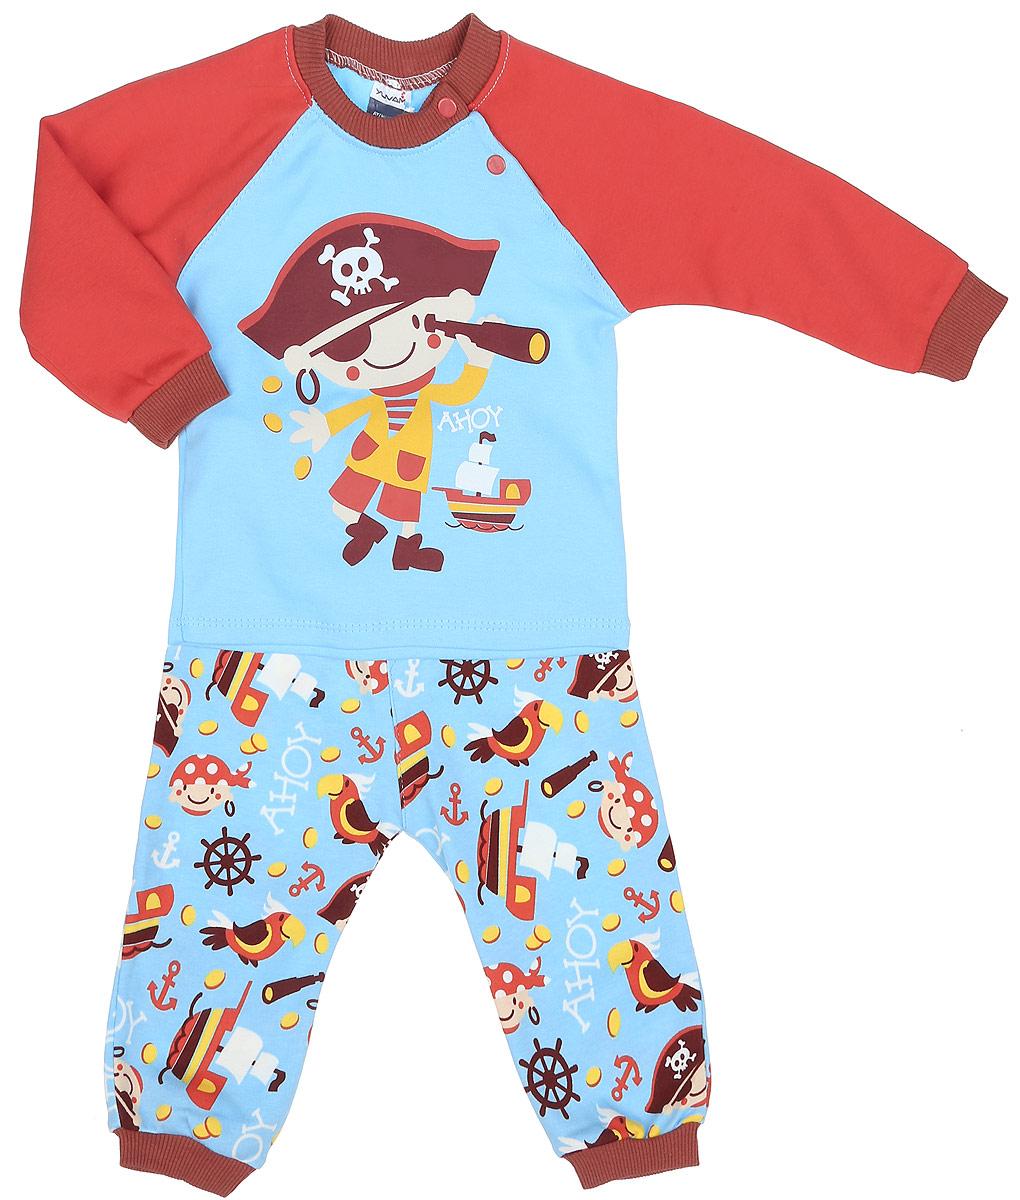 Комплект одежды1346-28Комплект одежды для мальчика Yuvam, состоящий из футболки с длинный рукавом и штанишек, станет отличным дополнением к детскому гардеробу. Комплект изготовлен из натурального хлопка, тактильно приятный, не раздражает нежную кожу ребенка и хорошо вентилируется, обеспечивая комфорт. Футболка с круглым вырезом горловины и длинными рукавами-реглан застегивается на кнопки по плечевому шву, что позволит легко переодеть малыша. Вырез горловины дополнен трикотажной резинкой. Штанишки имеют на поясе мягкую эластичную резинку, благодаря чему они не сдавливают животик ребенка и не сползают. На брючинах предусмотрены манжеты. Оформлено изделие принтом с изображением пирата. В таком комплекте ребенок всегда будет в центре внимания!